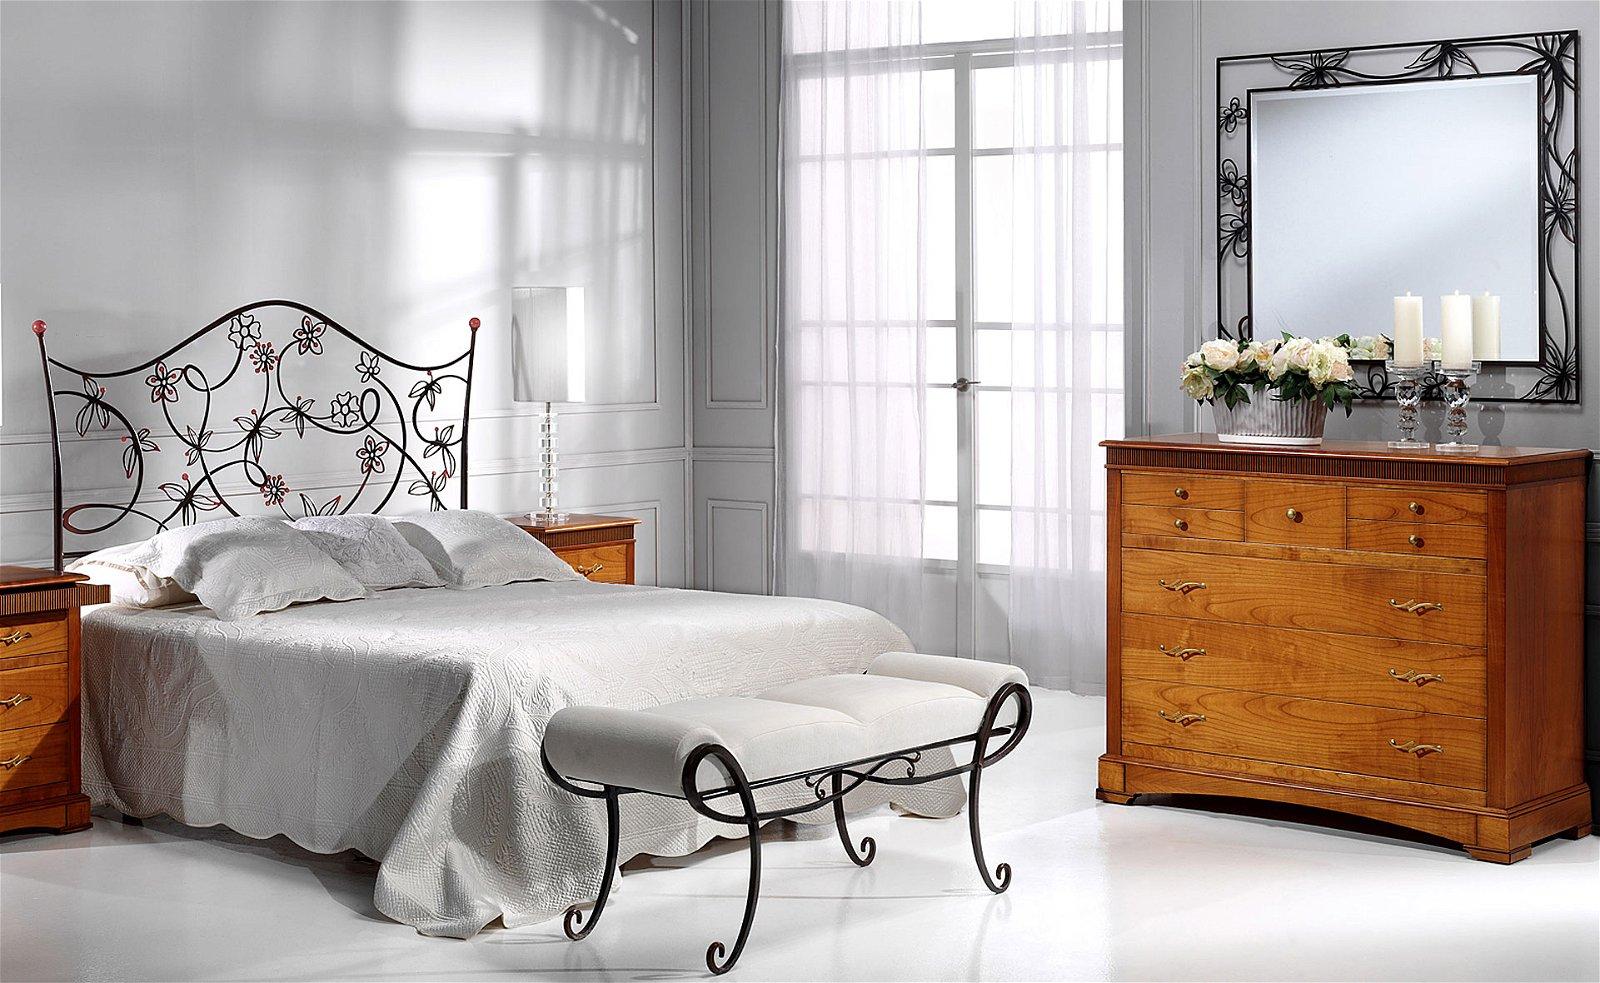 Dormitorio forja Cintia